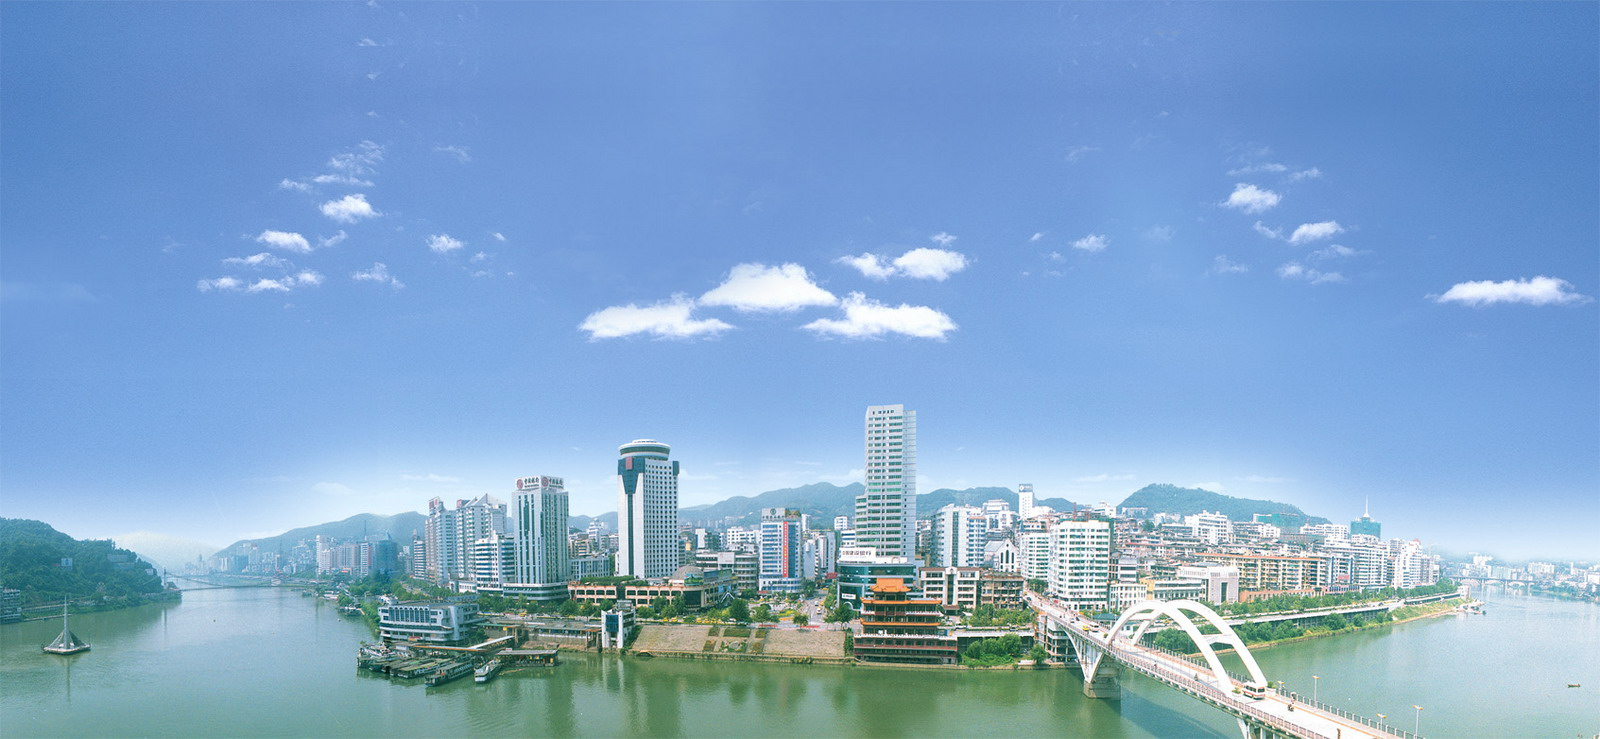 浙江丽水青田,去福建南平市蒲城县,要怎么过去,求具体